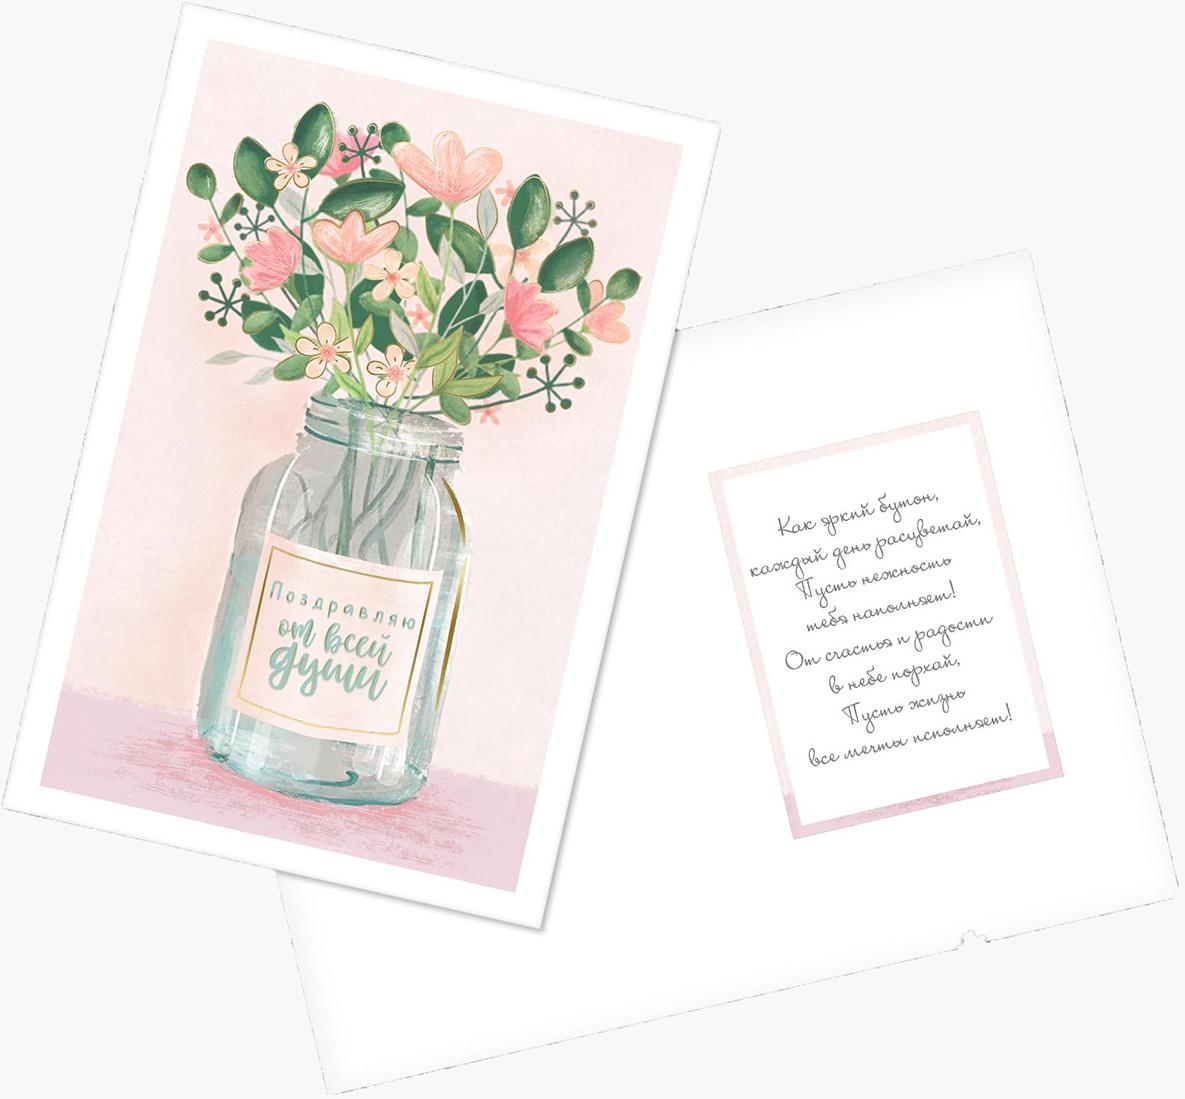 """Выразить свои чувства и дополнить основной подарок тёплыми словами вам поможет открытка Дарите Счастье """"Поздравляю от всей души. Цветы в банке"""". С ней ваше пожелание «Счастья, любви и здоровья» приобретёт трепетный и душевный подтекст. А воспоминания о праздничном дне ещё долго будут радовать адресата."""